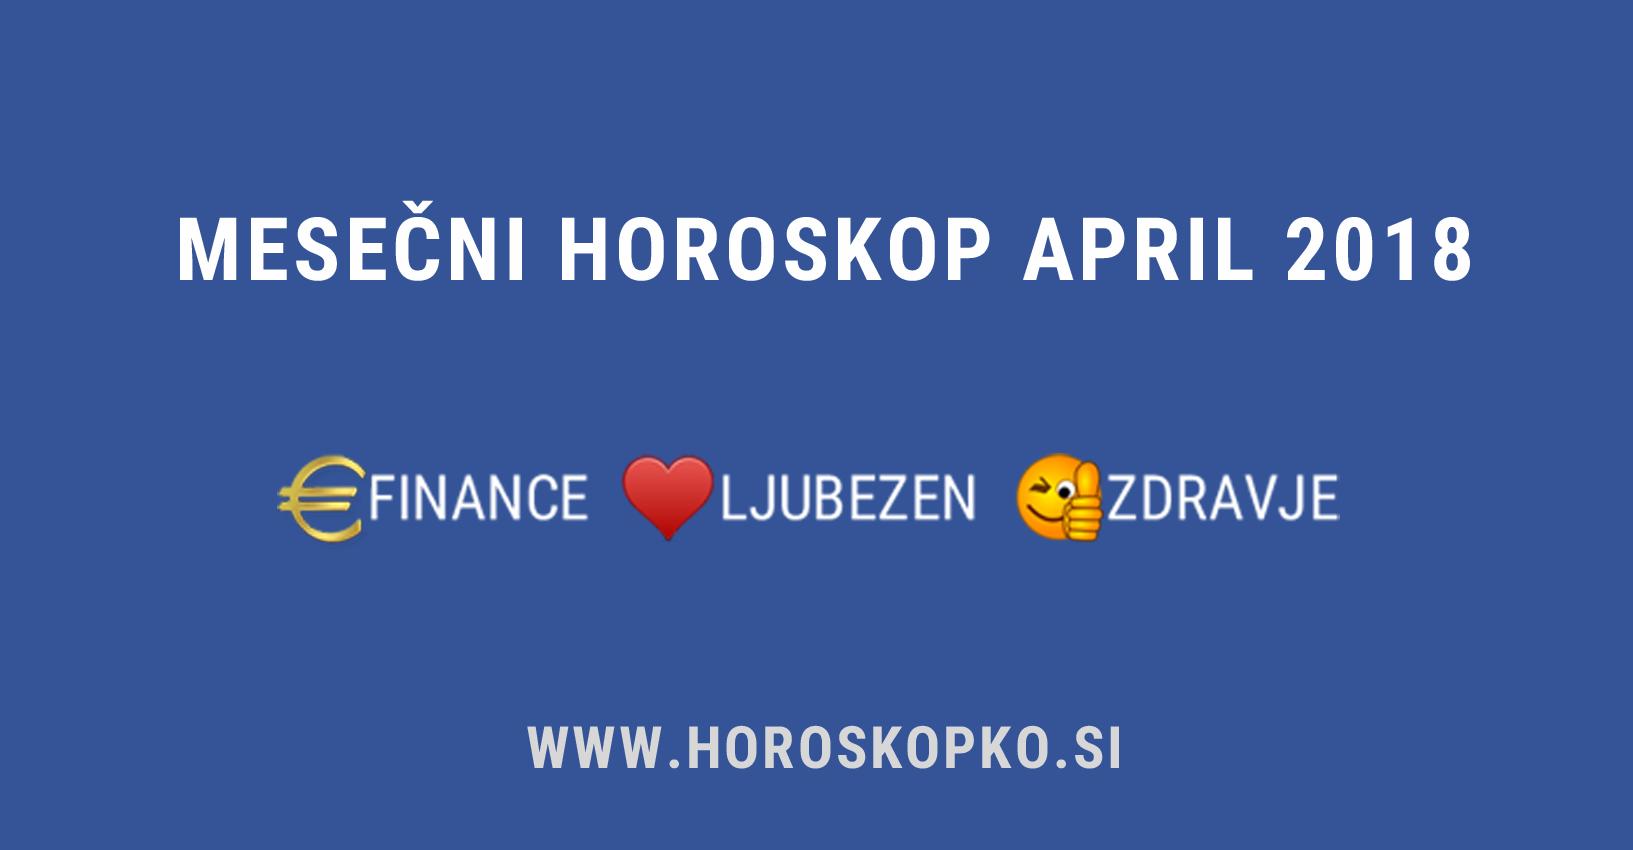 horoskop april 2018